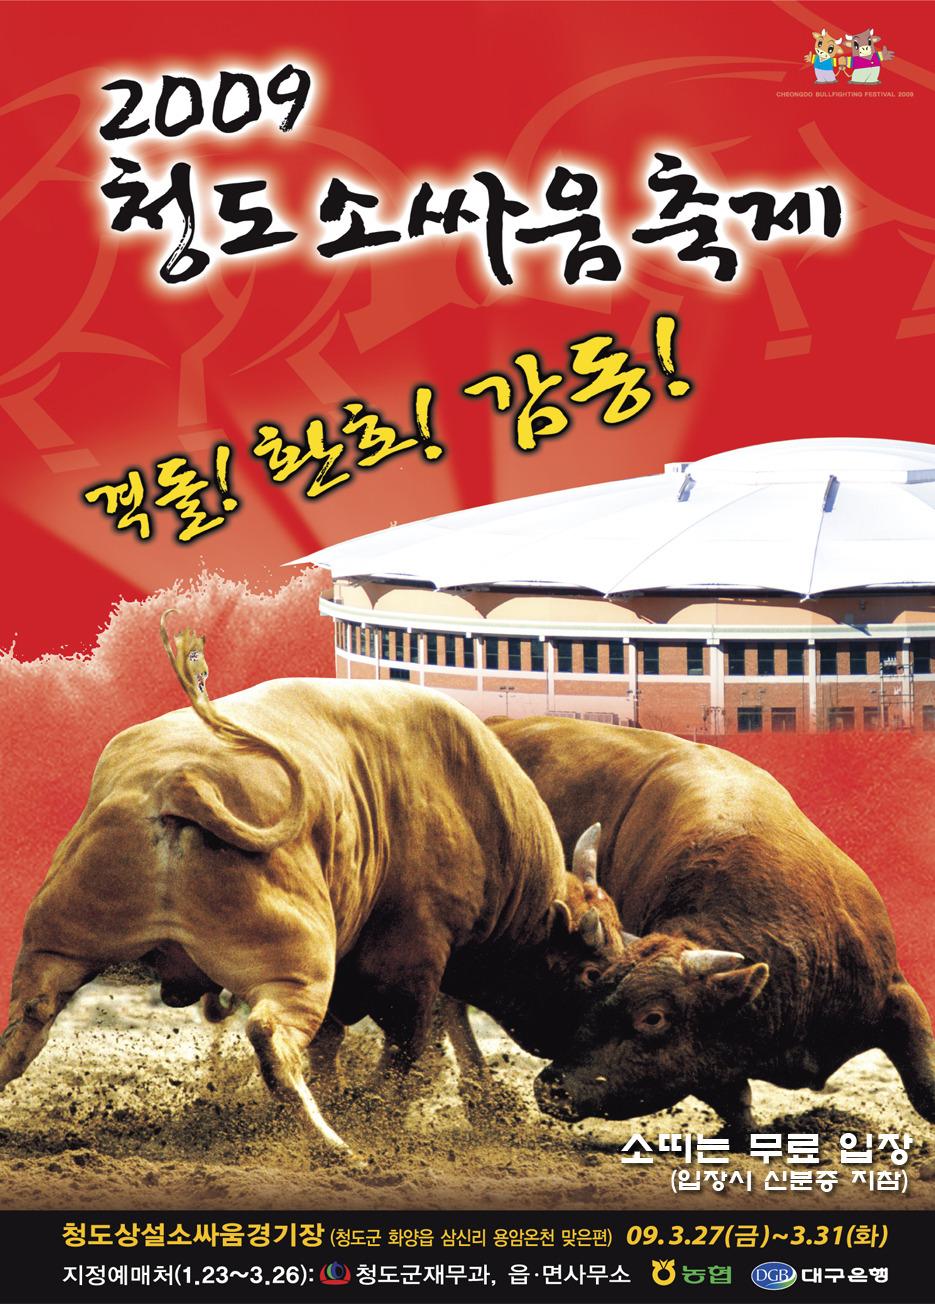 청도 소싸움 포스터 - 청도소싸움 홈피에서 발췌